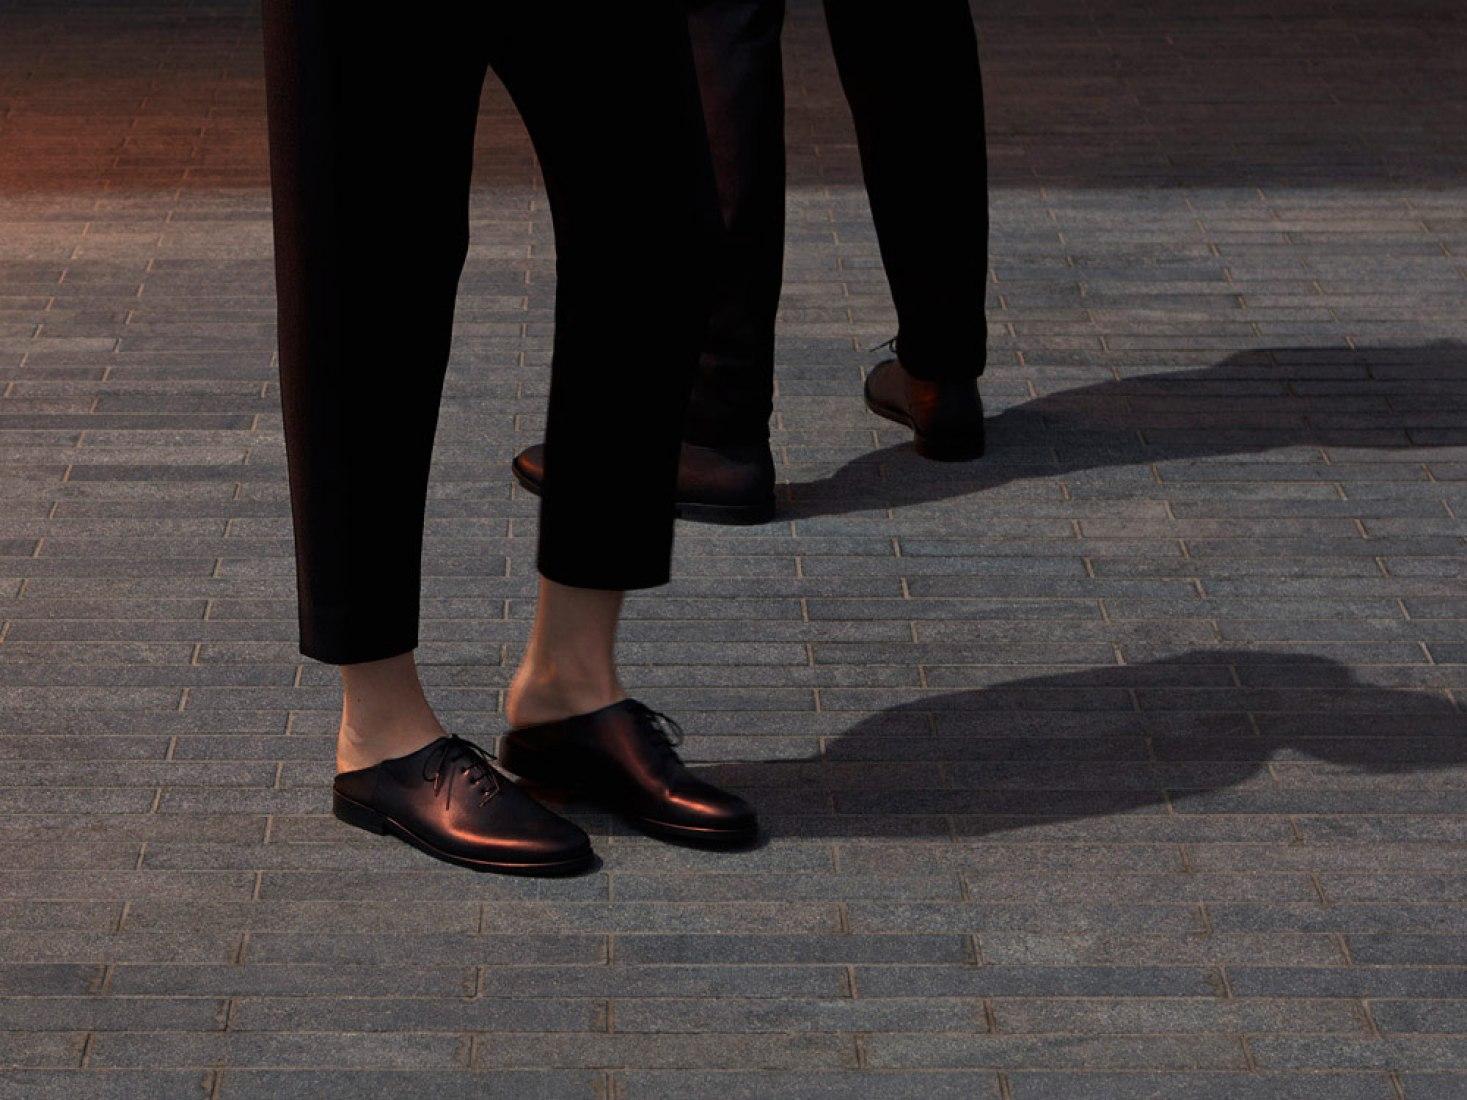 Edición limitada de zapatos para los veranos del 2014 en la Serpentine Galleries. Por COS.